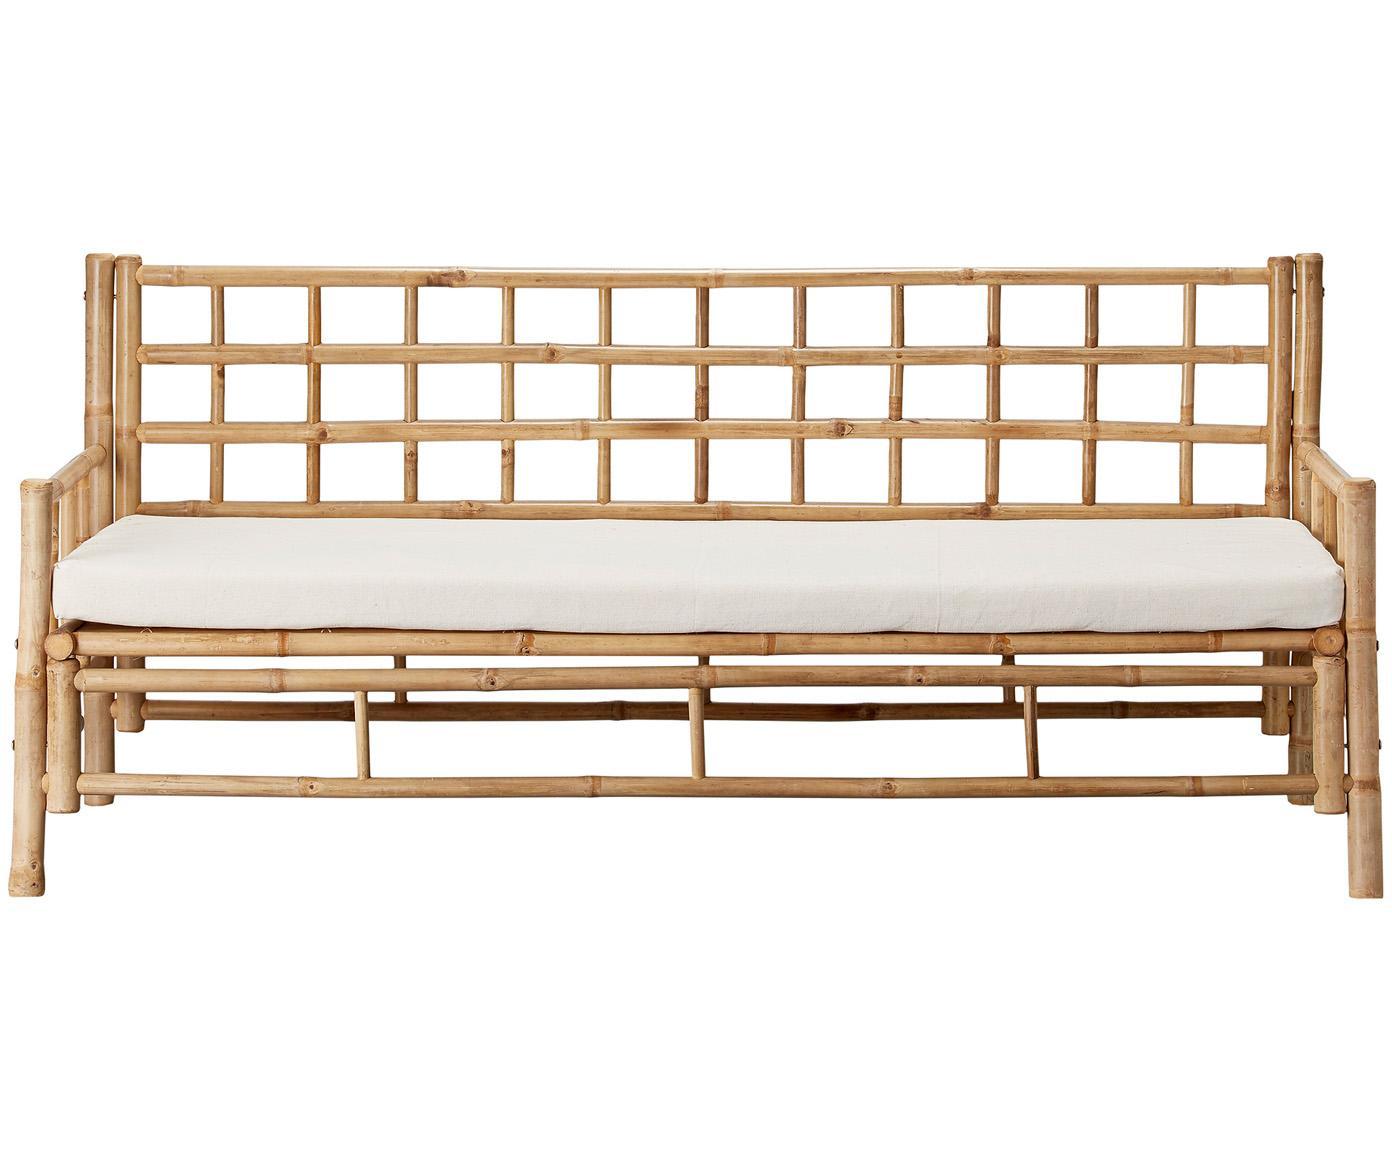 Bambus-Sofa Mandisa (3-Sitzer) mit Sitzpolster, Gestell: Bambus, unbehandelt, Bezug: Segeltuch, Bambus, Weiss, B 180 x T 70 cm